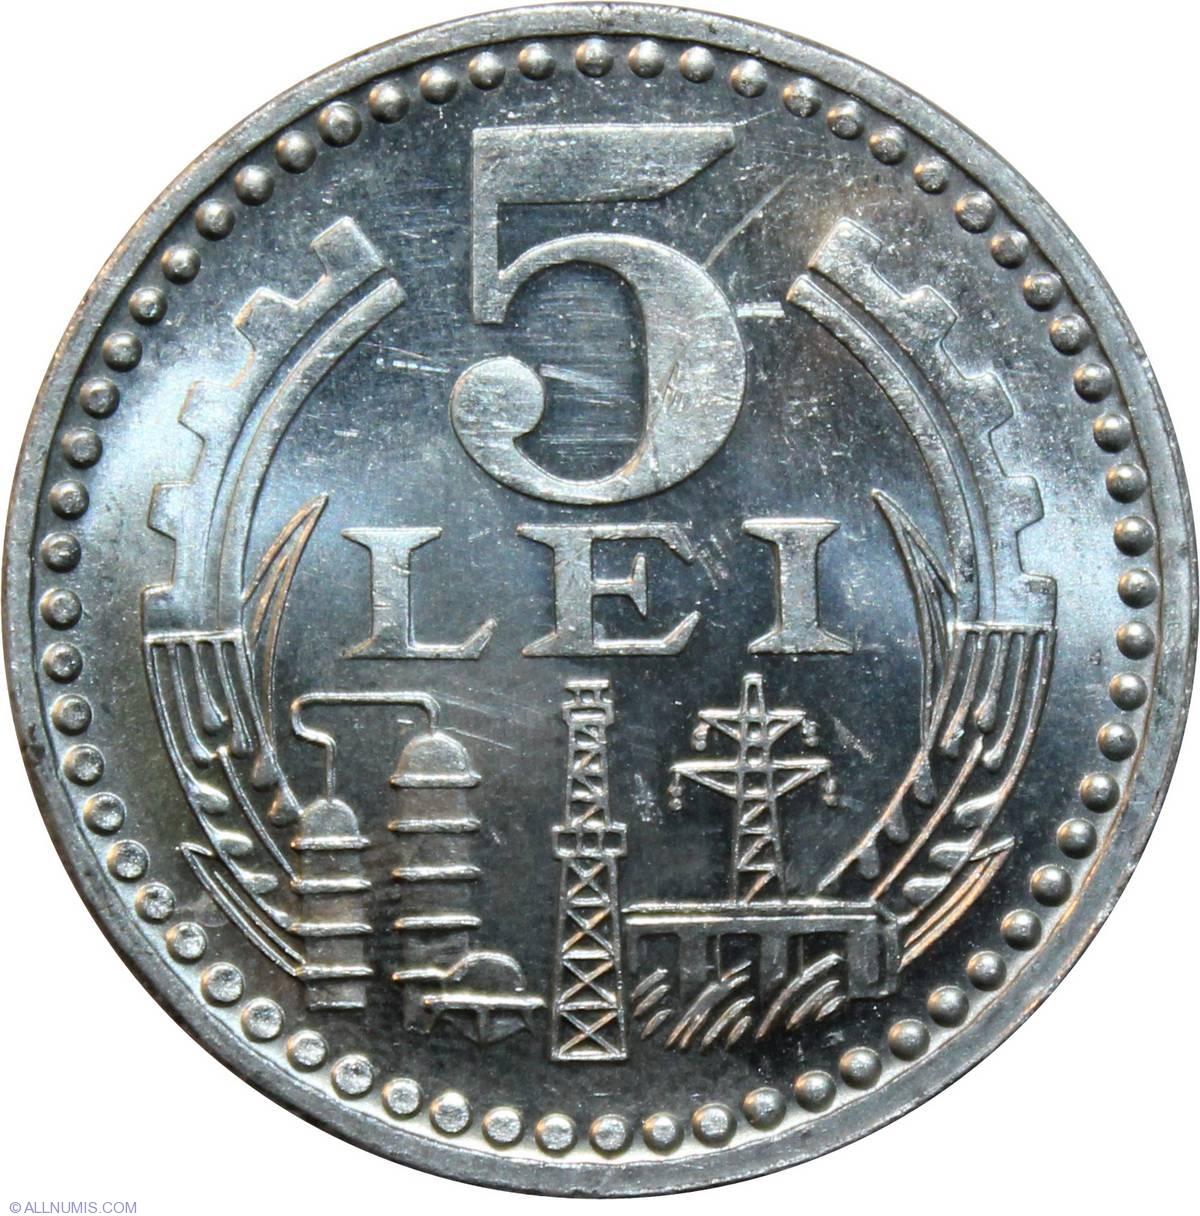 5 лей 1978 1 копейка 1821 года цена